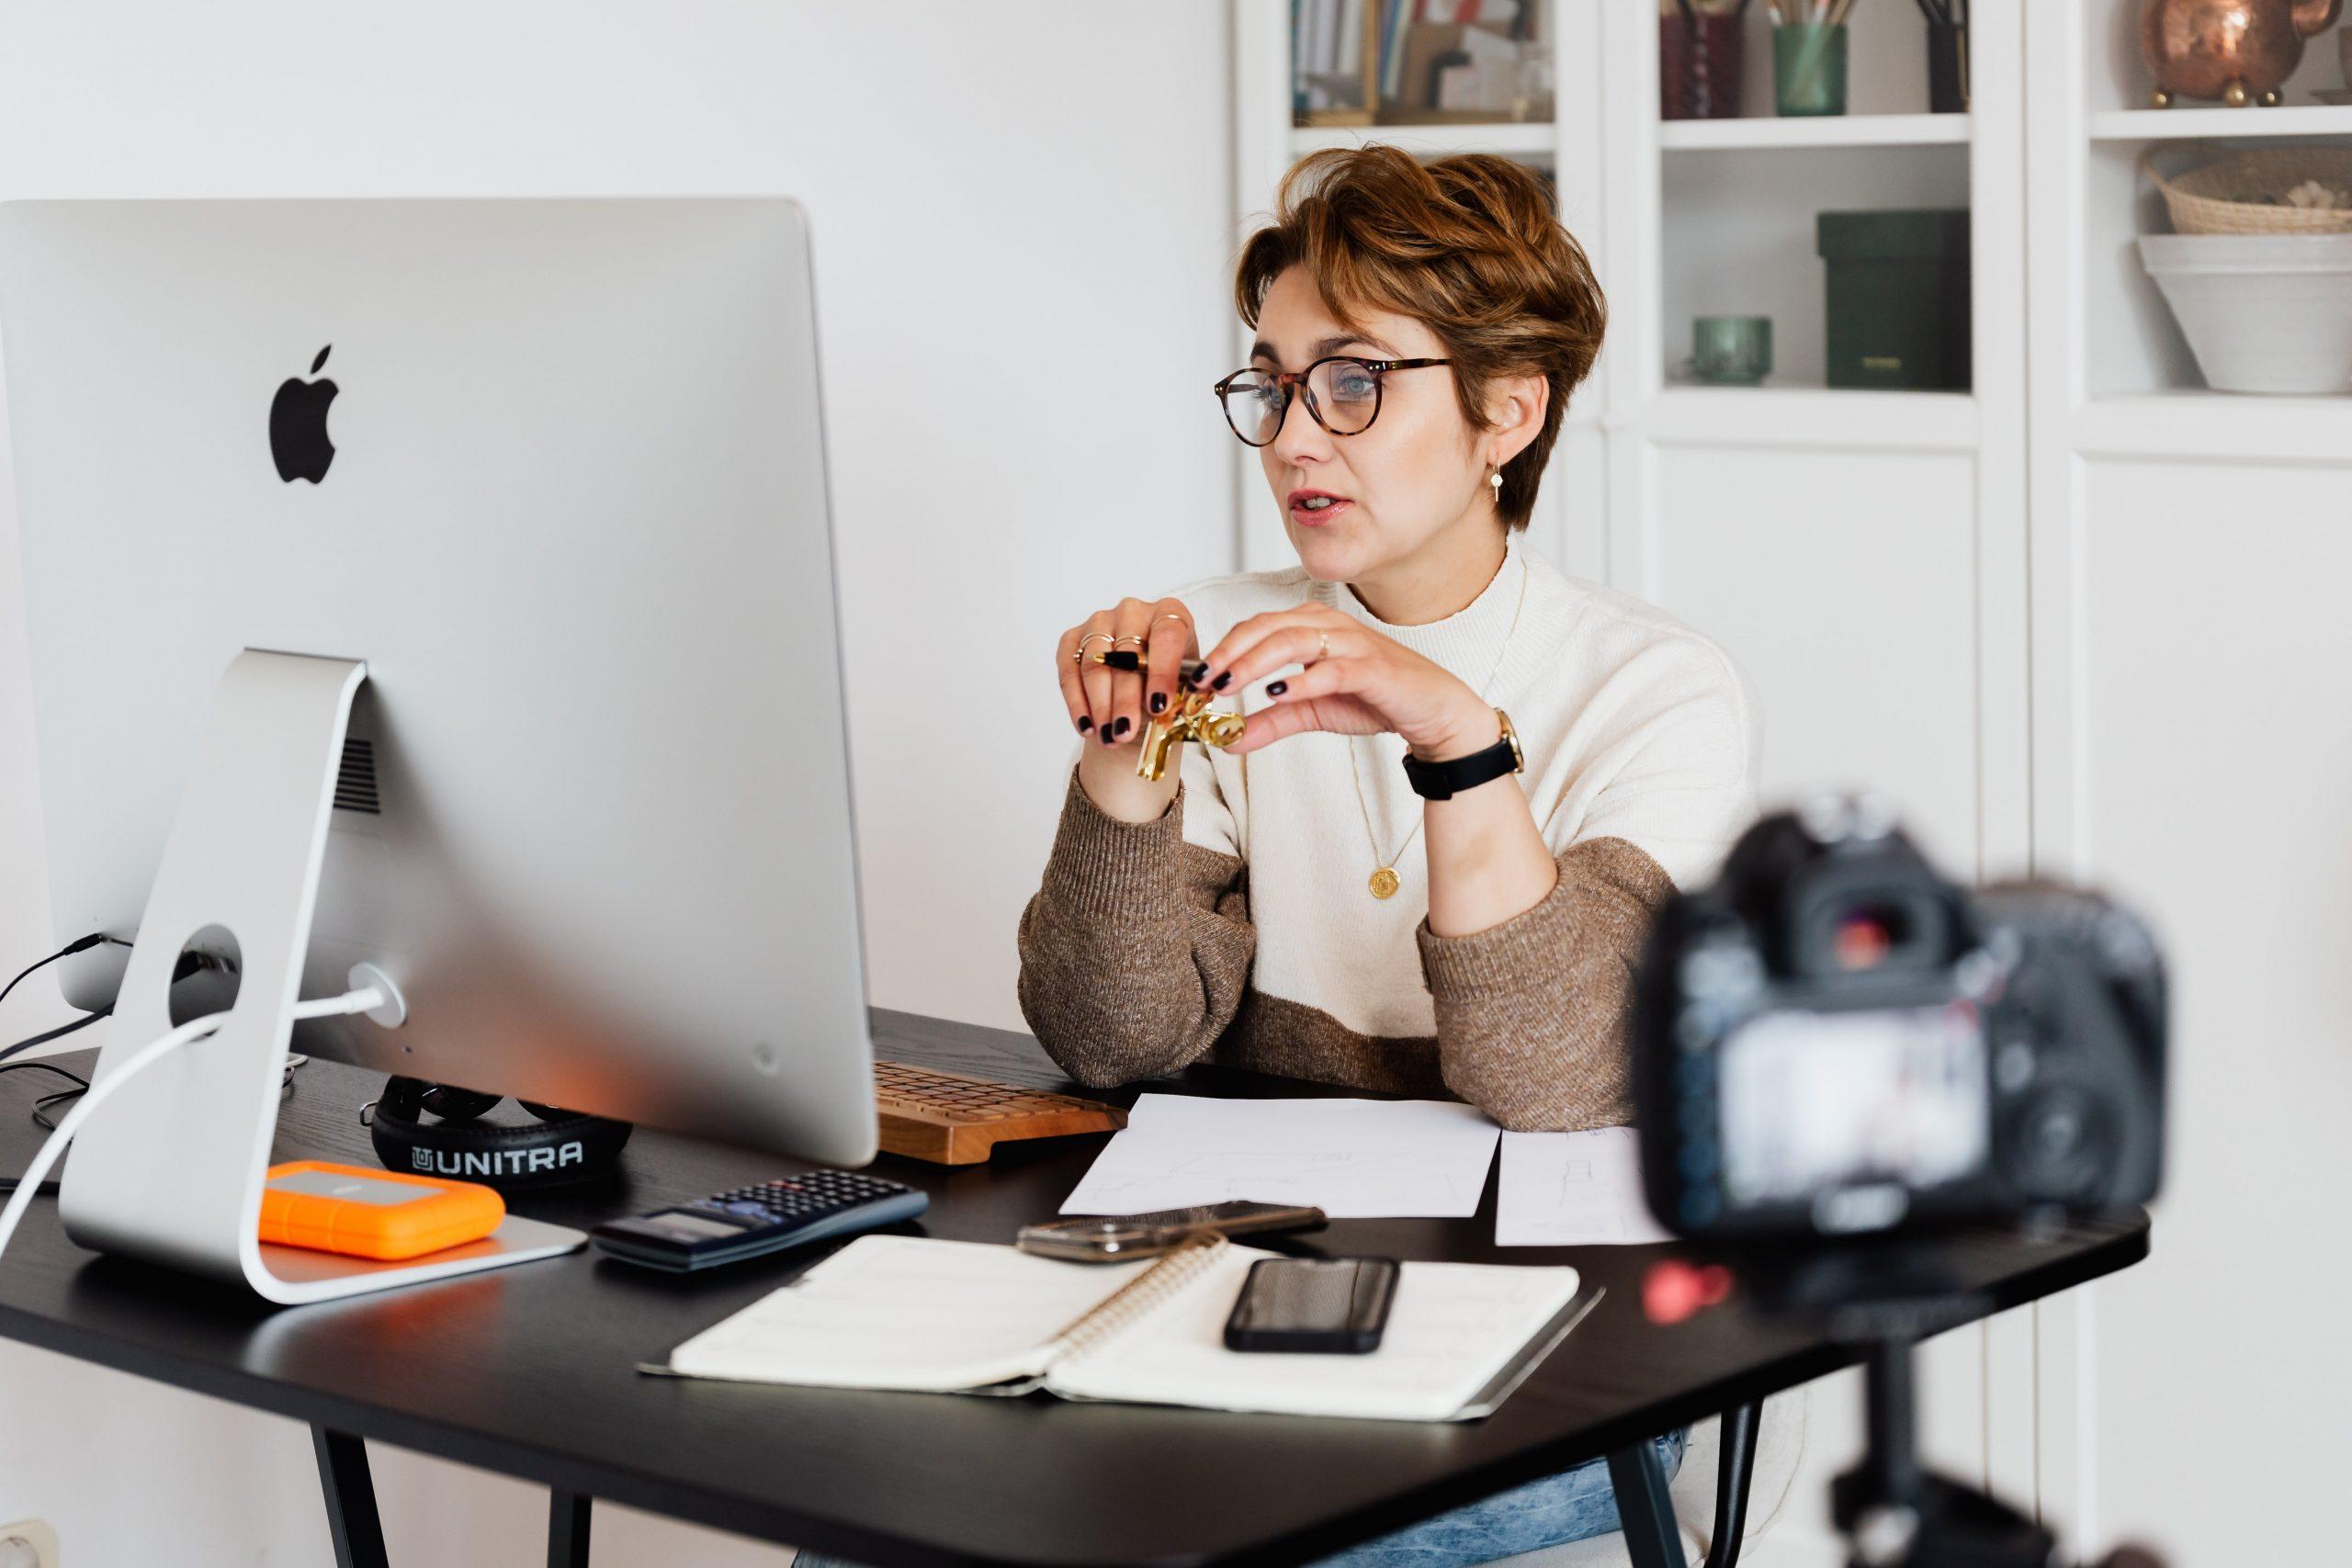 Imagem de uma mulher navegando na internet.